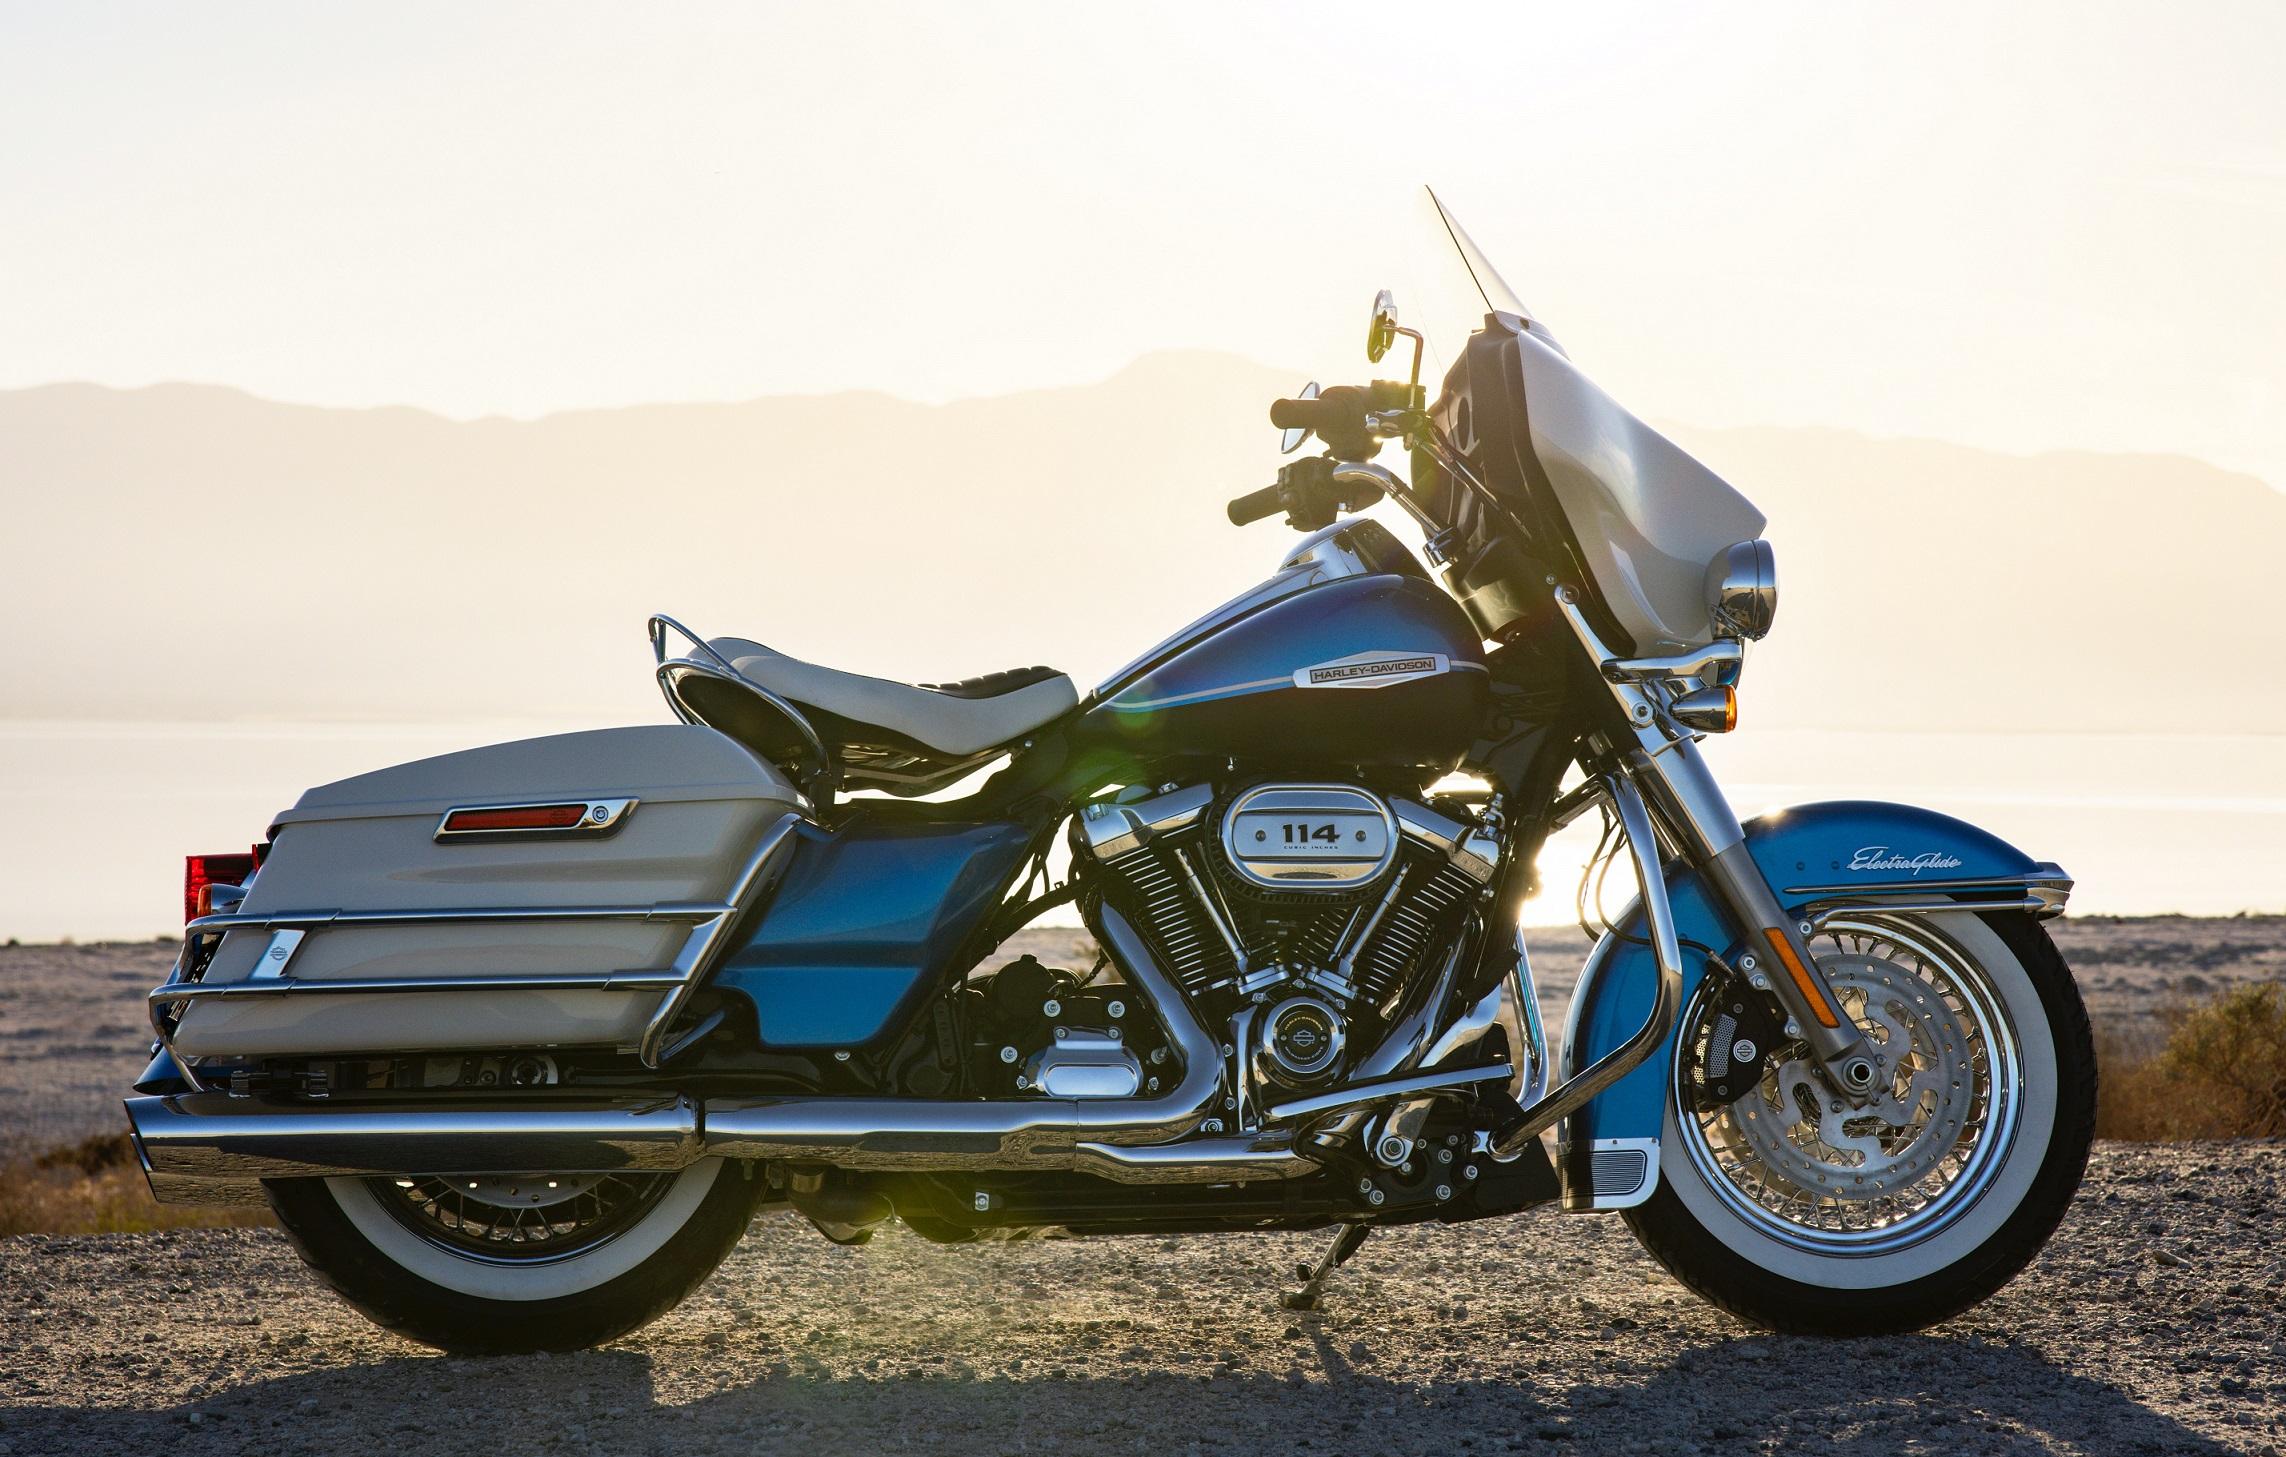 3. Harley Davidson Electra Glide Revival